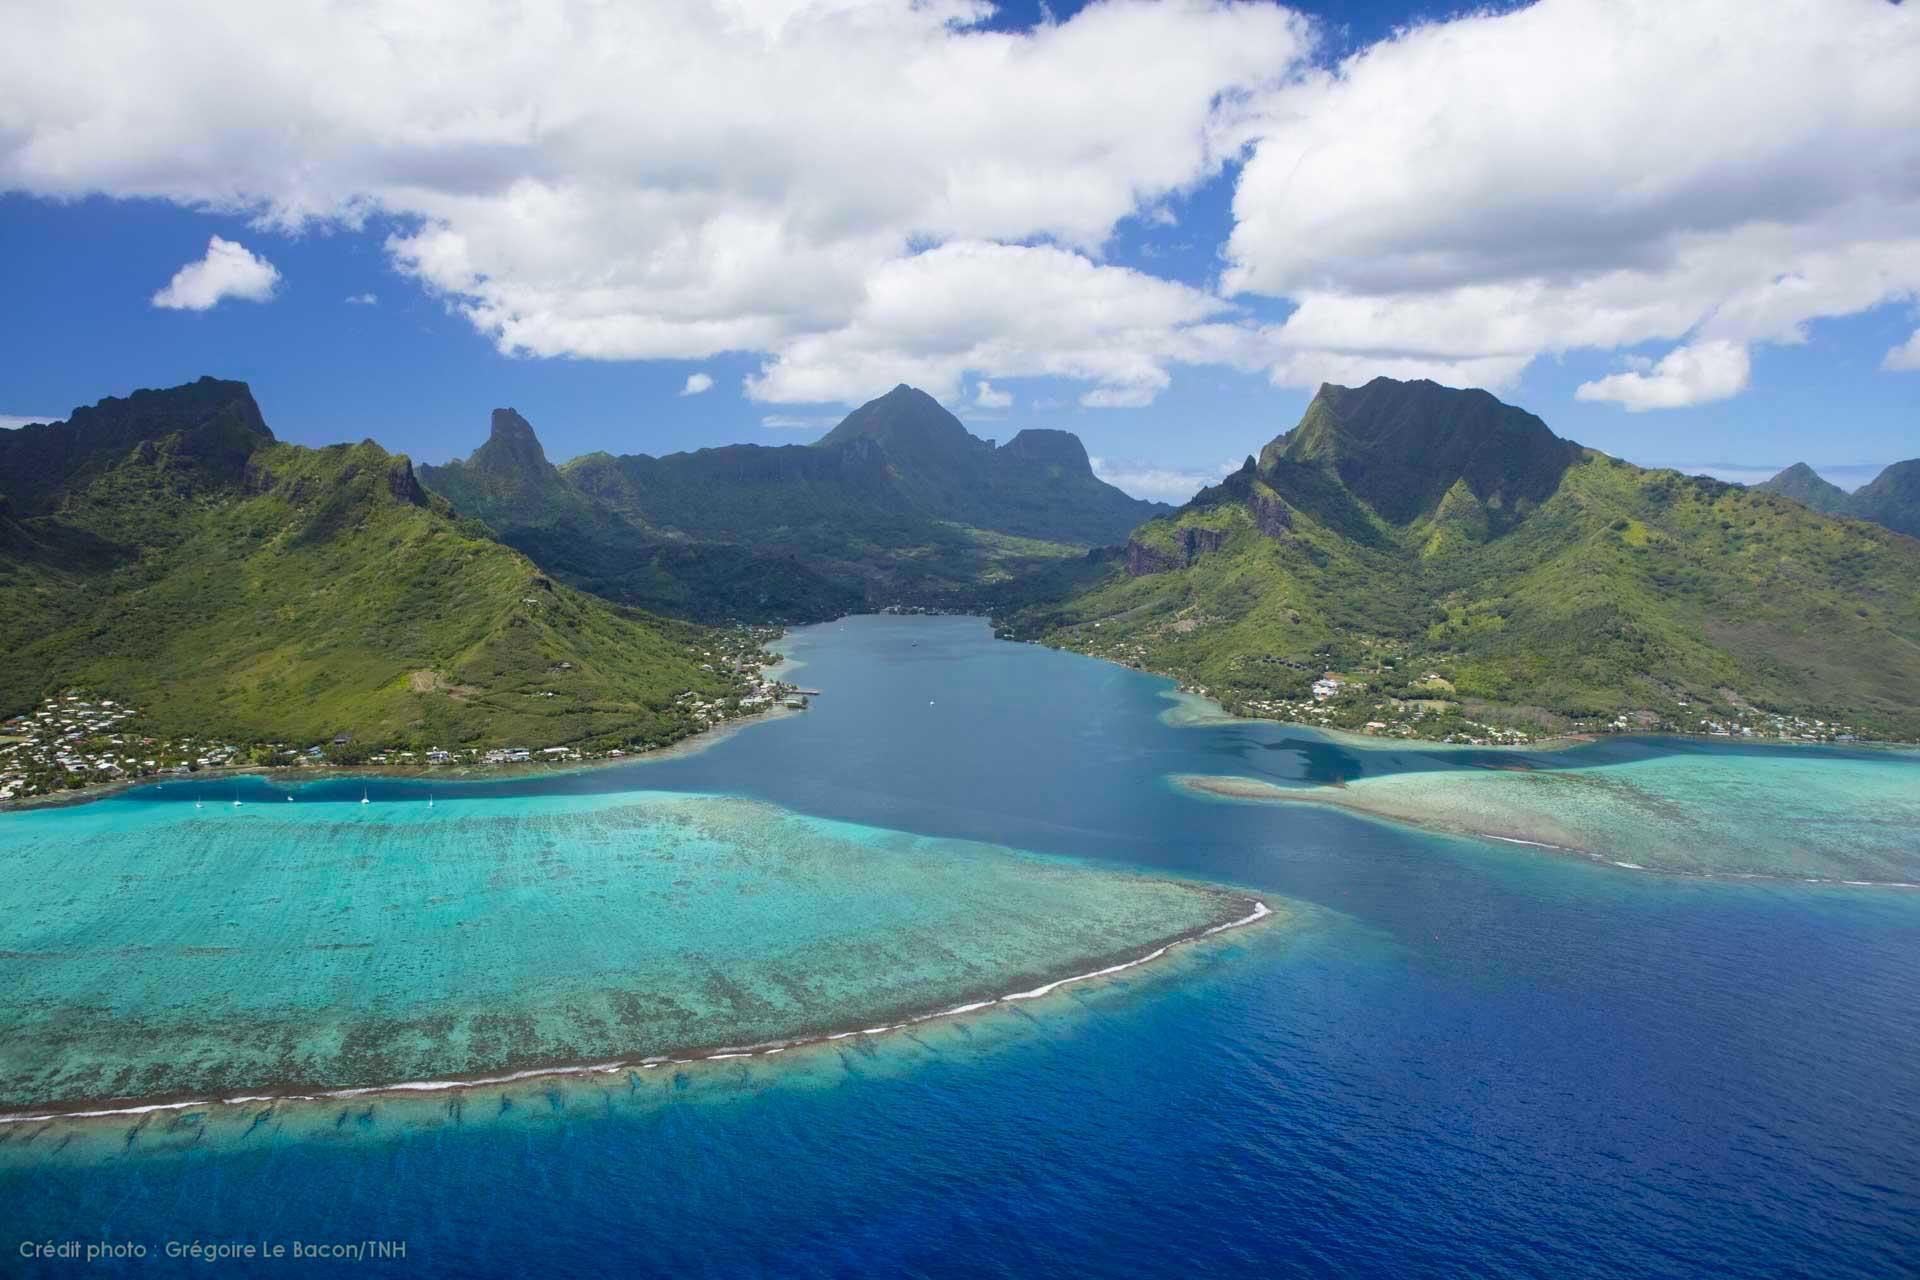 L'île de Moorea, sœur de Tahiti ceinturée par un lagon bleu azur © Grégoire Le Bacon Tahiti Nui Helicopters